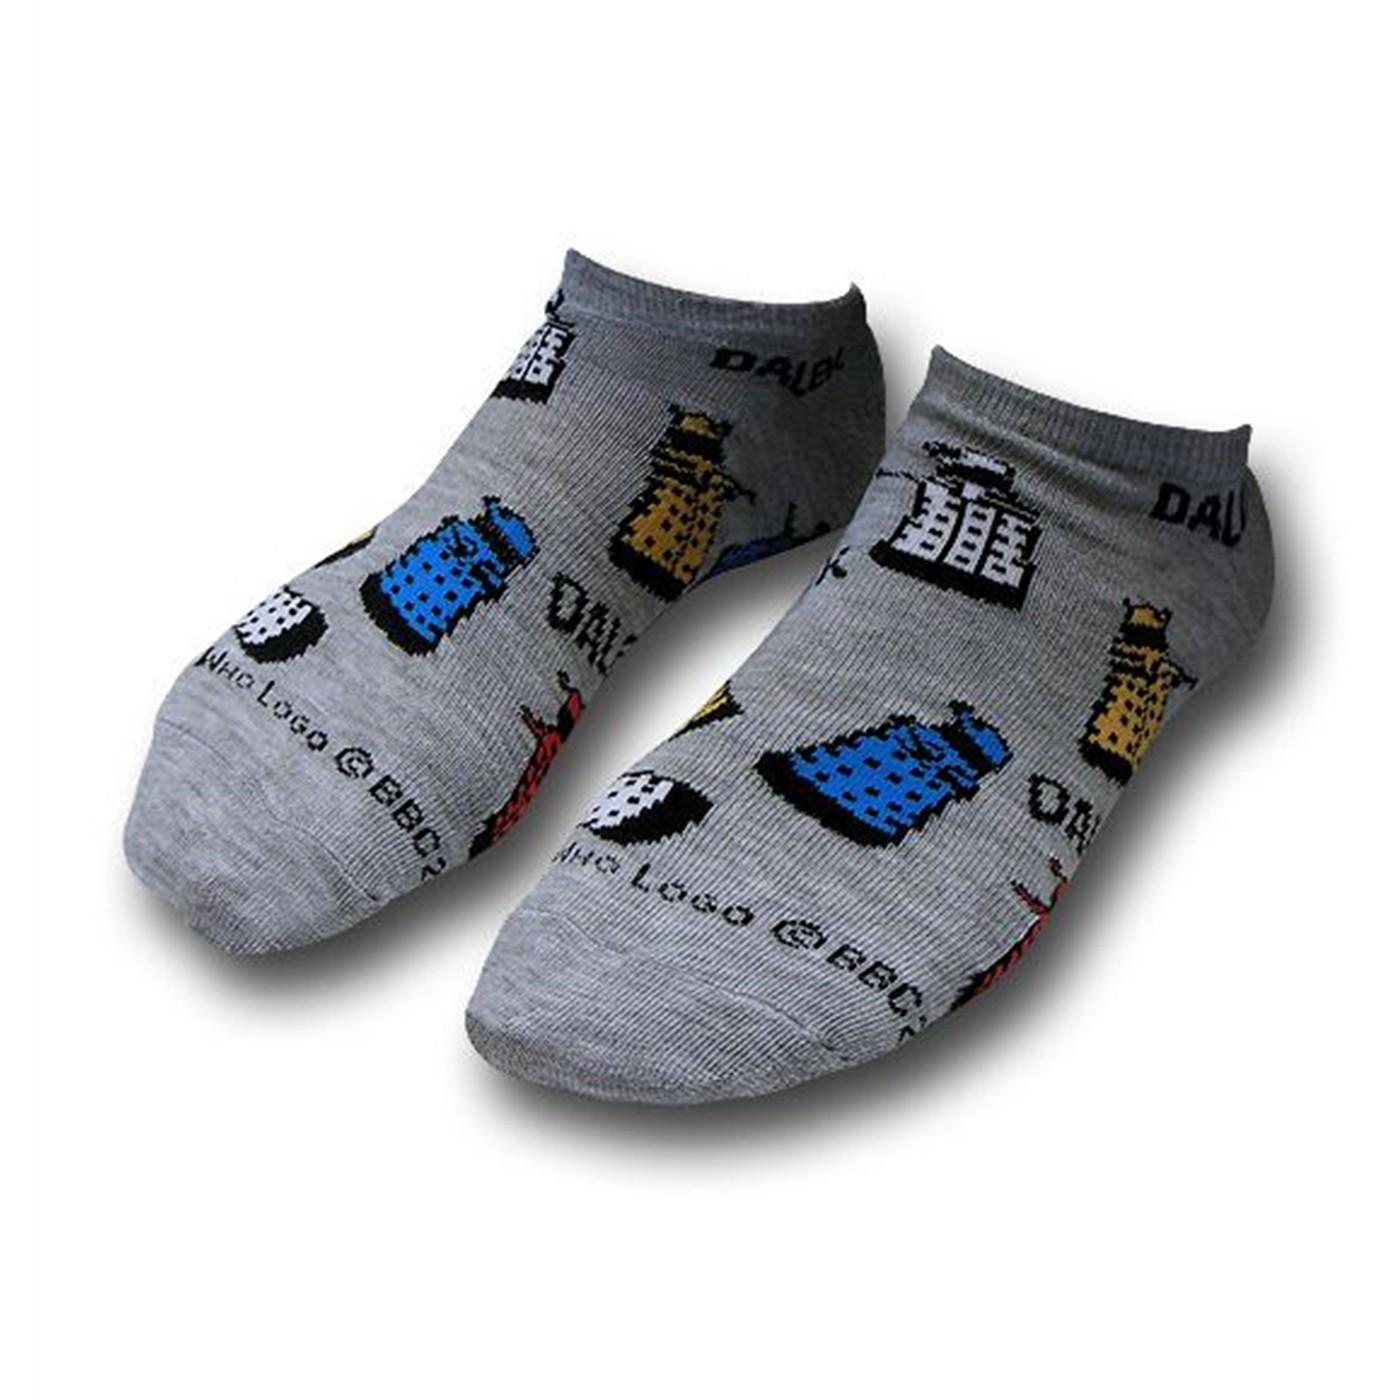 Doctor Who Low-Cut Ladies Socks 3-Pack